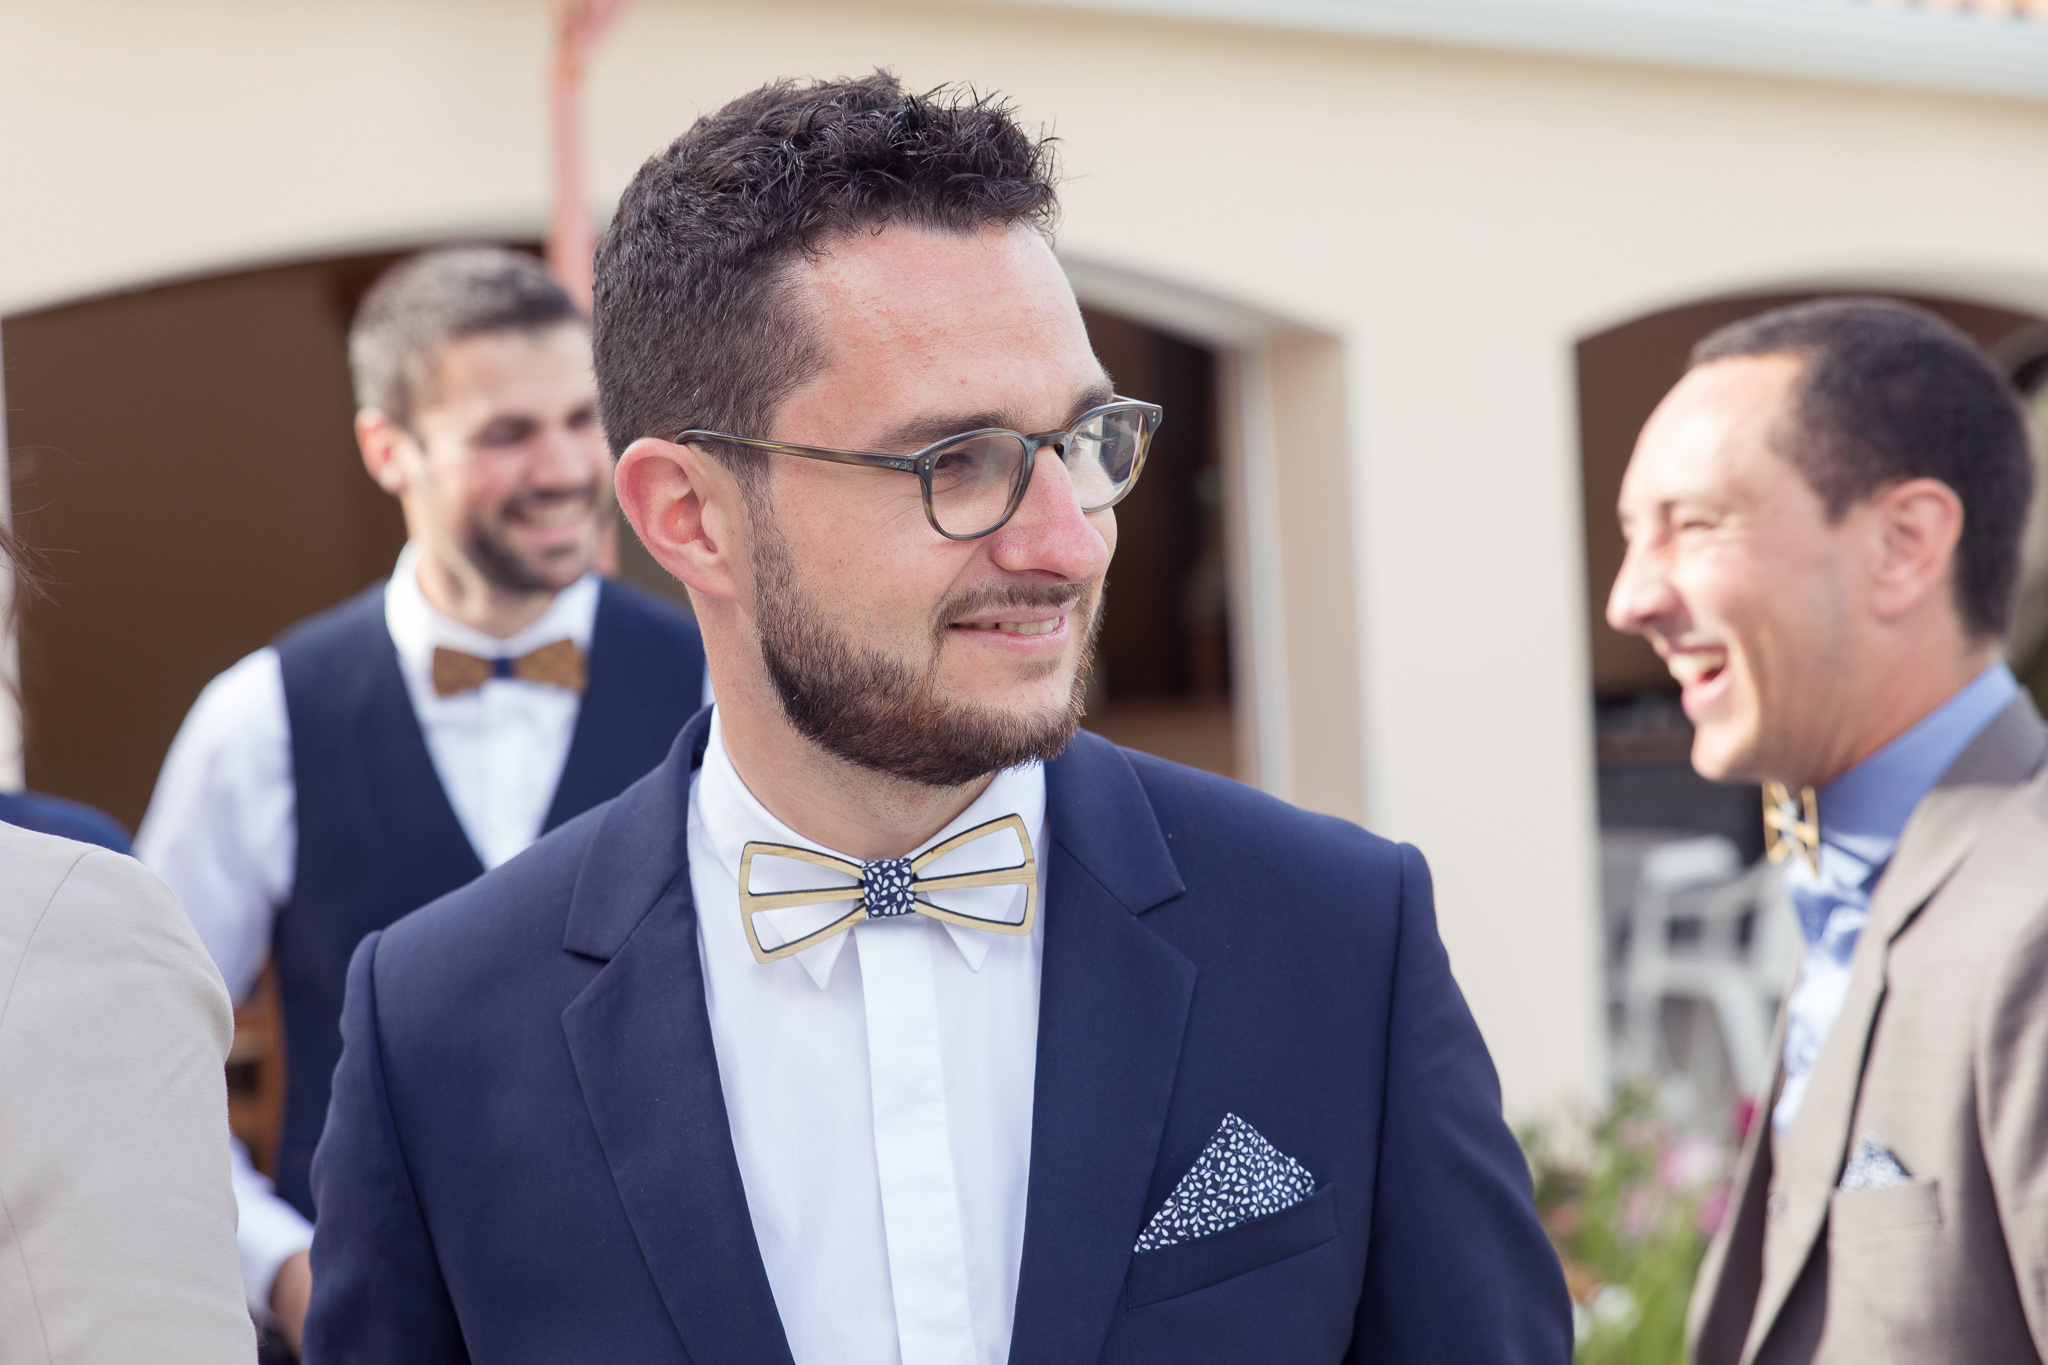 mariage wedding nantes noeud papillon bois atelier dernest 5